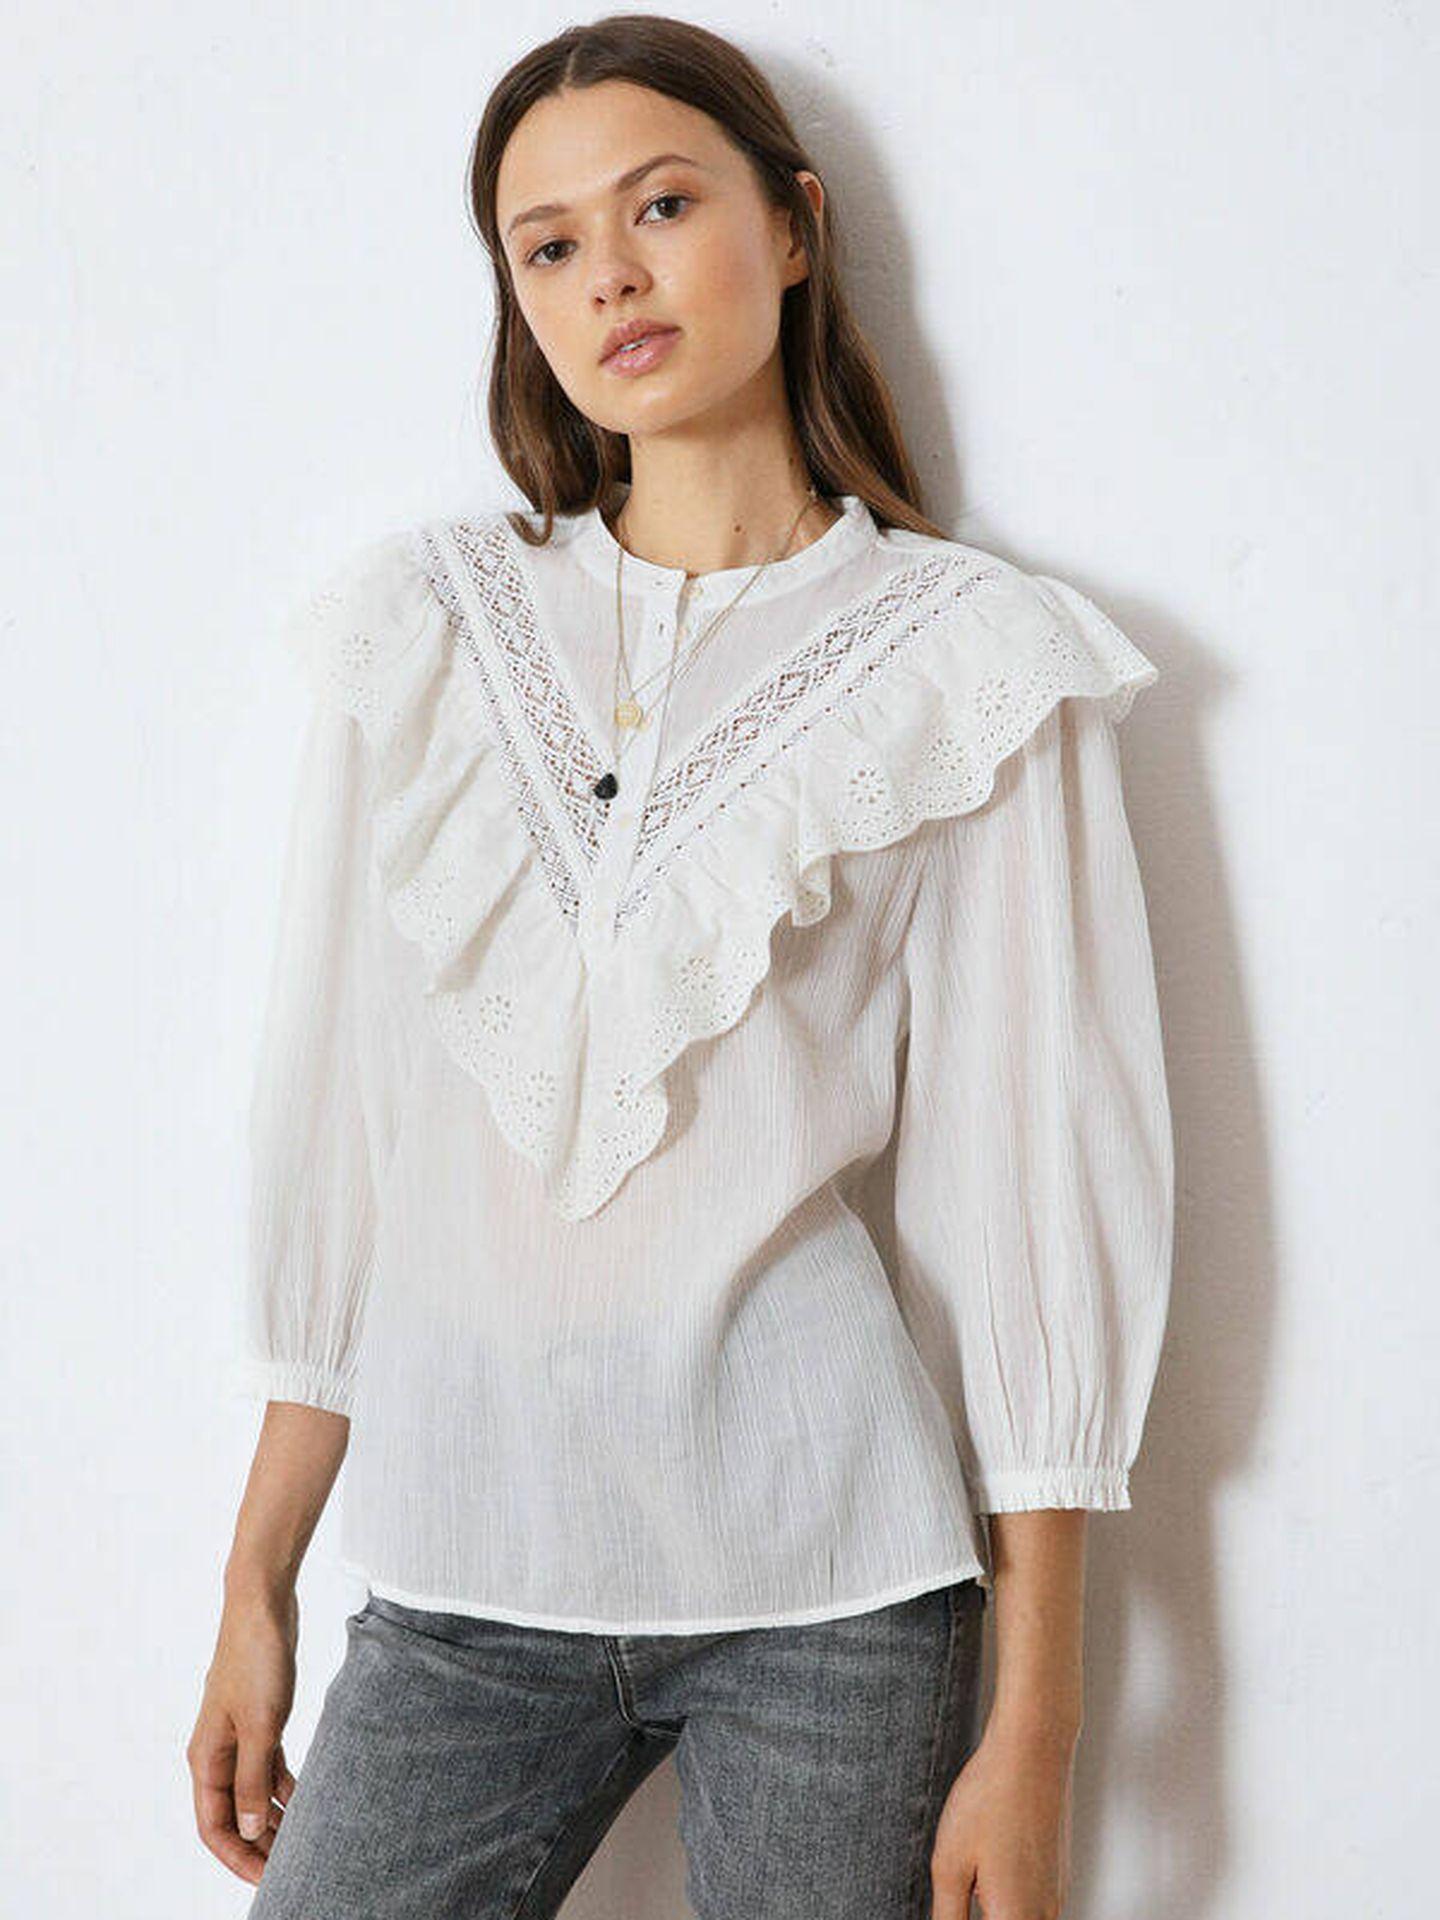 Blusa blanca de High Spirits a la venta en Springfield. (Cortesía)